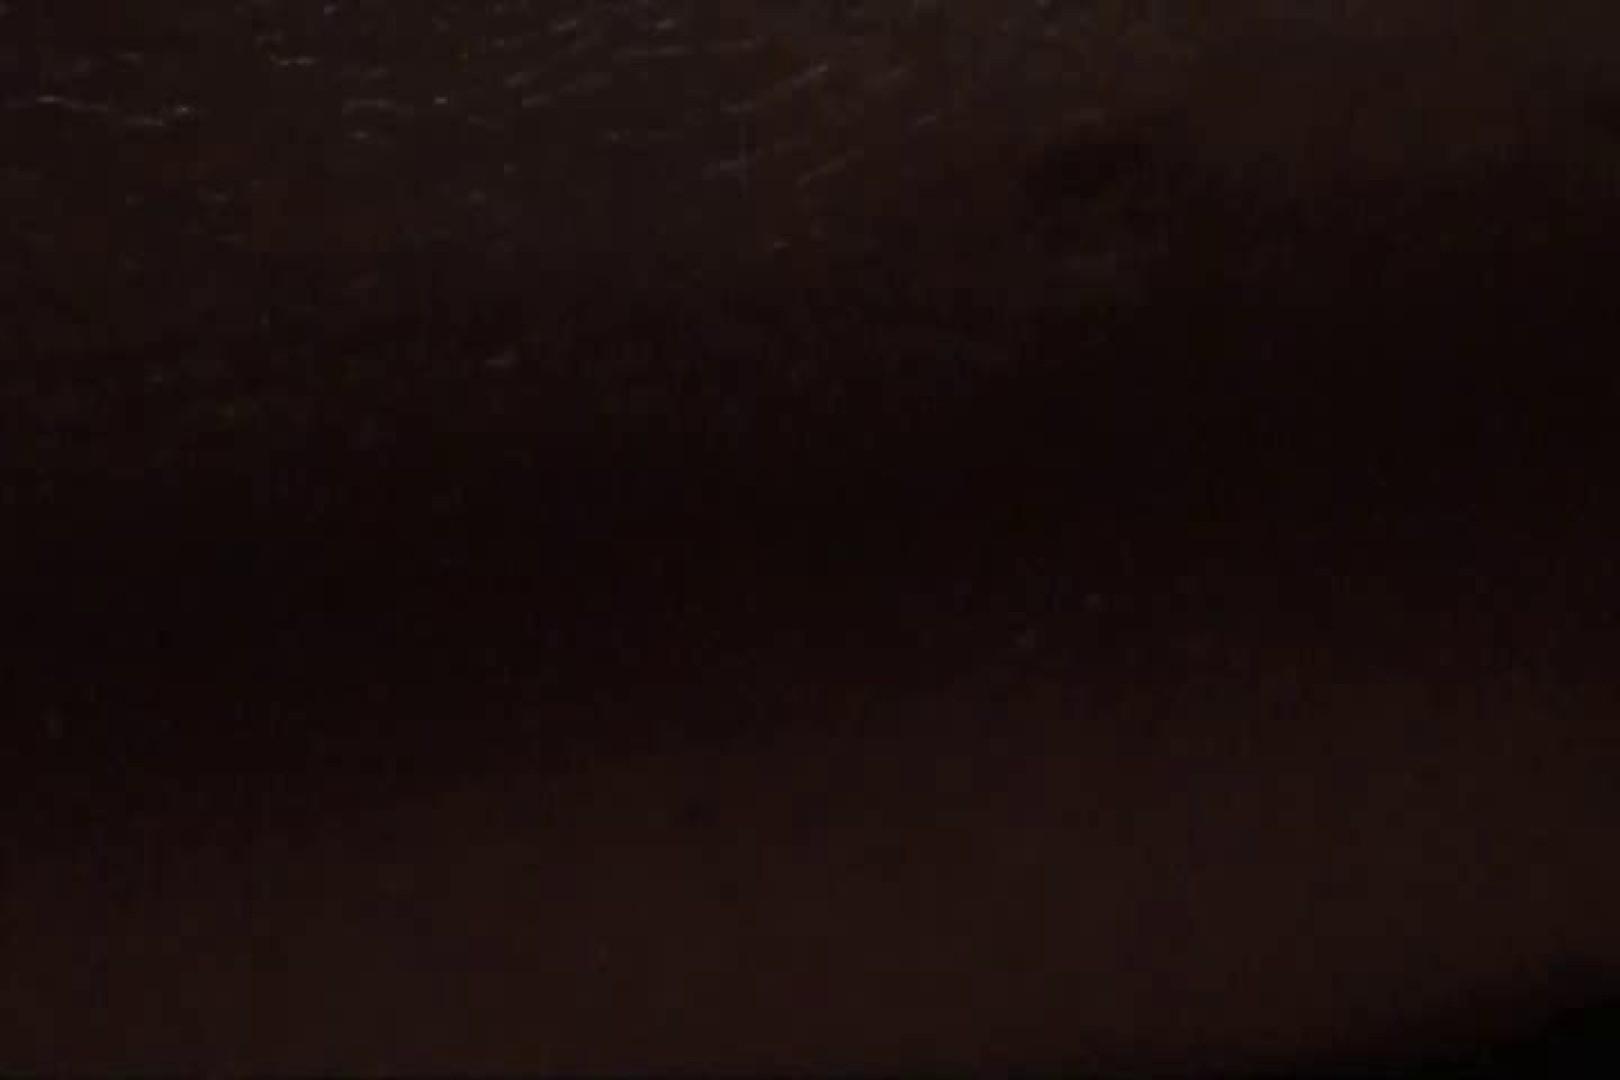 独占配信! ●罪証拠DVD 起きません! vol.06 投稿 | イタズラ  74PICs 45